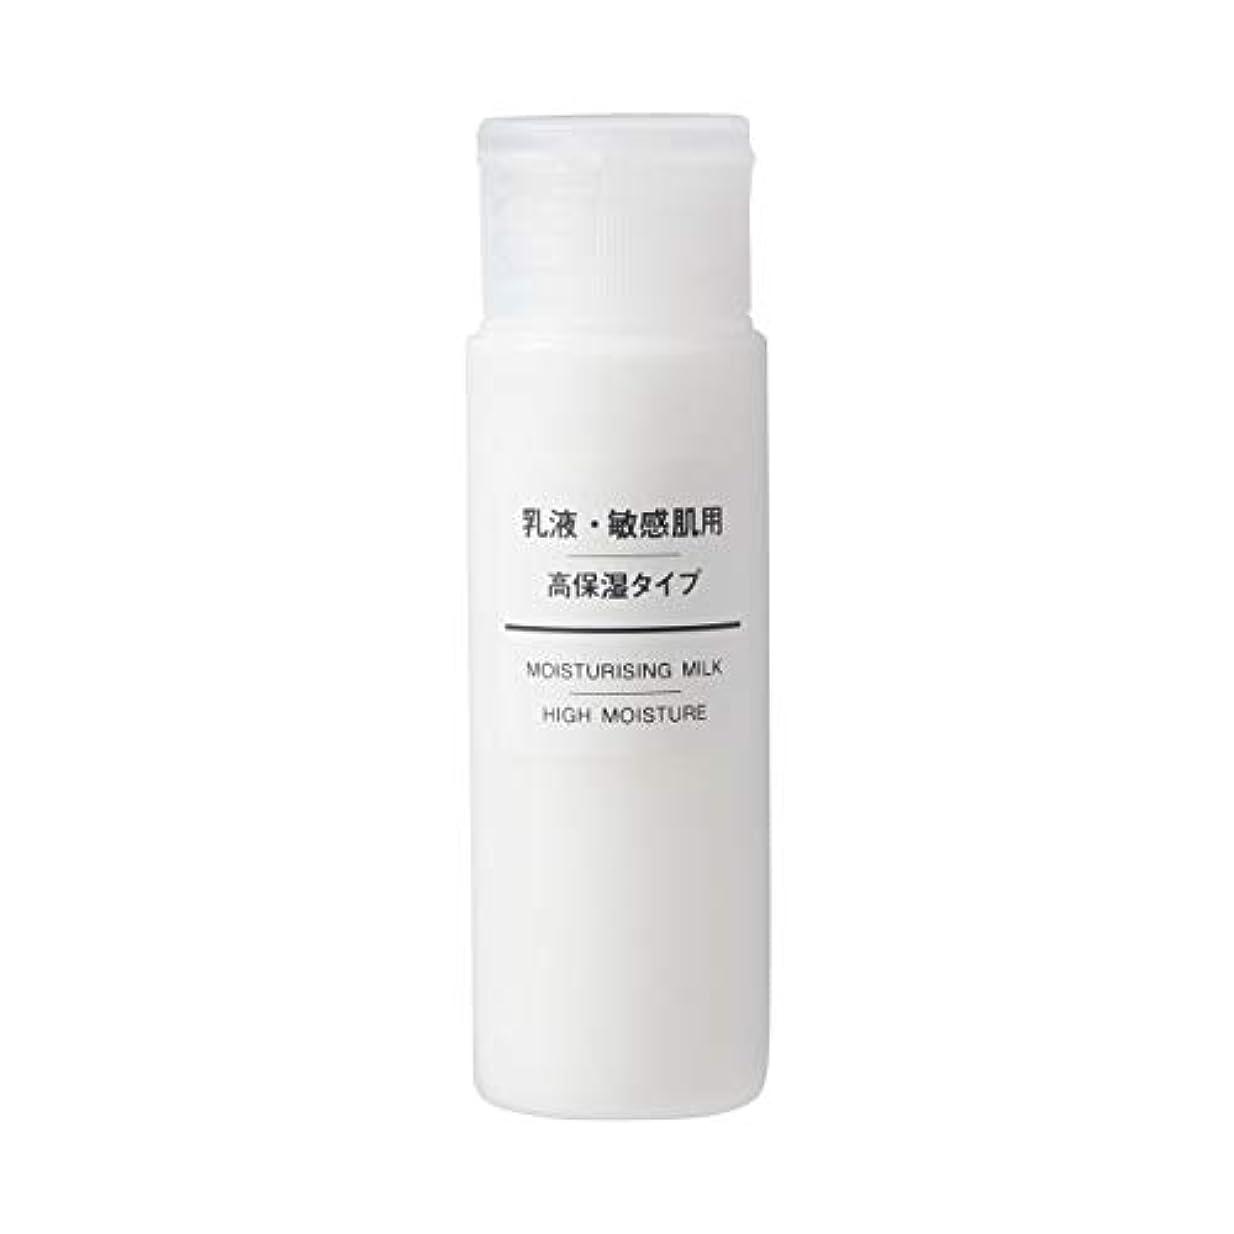 起訴する前に制裁無印良品 乳液 敏感肌用 高保湿タイプ(携帯用) 50ml